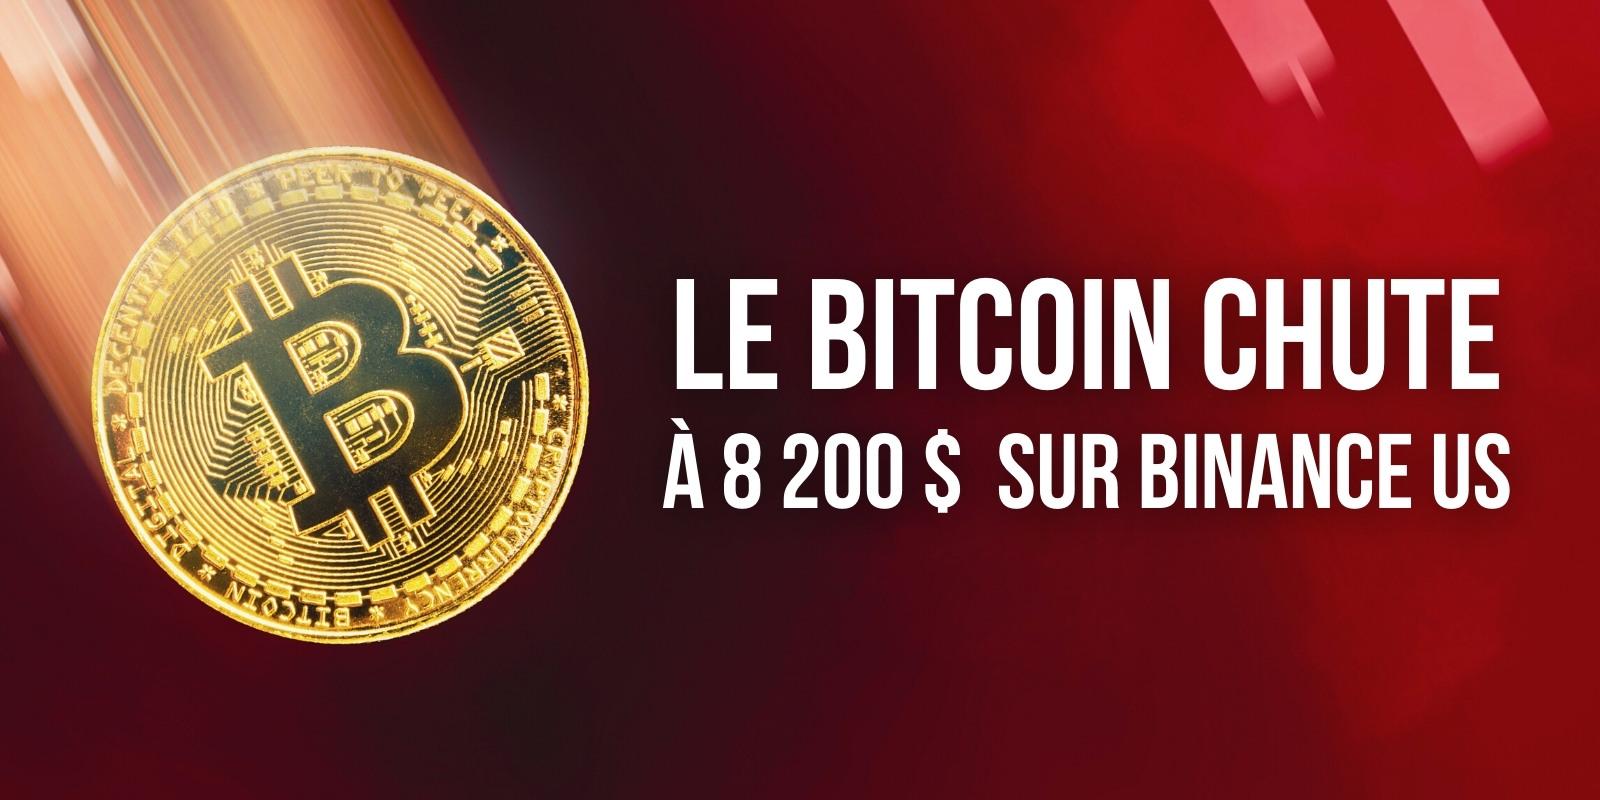 L'espace d'un instant, le Bitcoin (BTC) chute à 8 200 dollars sur Binance US